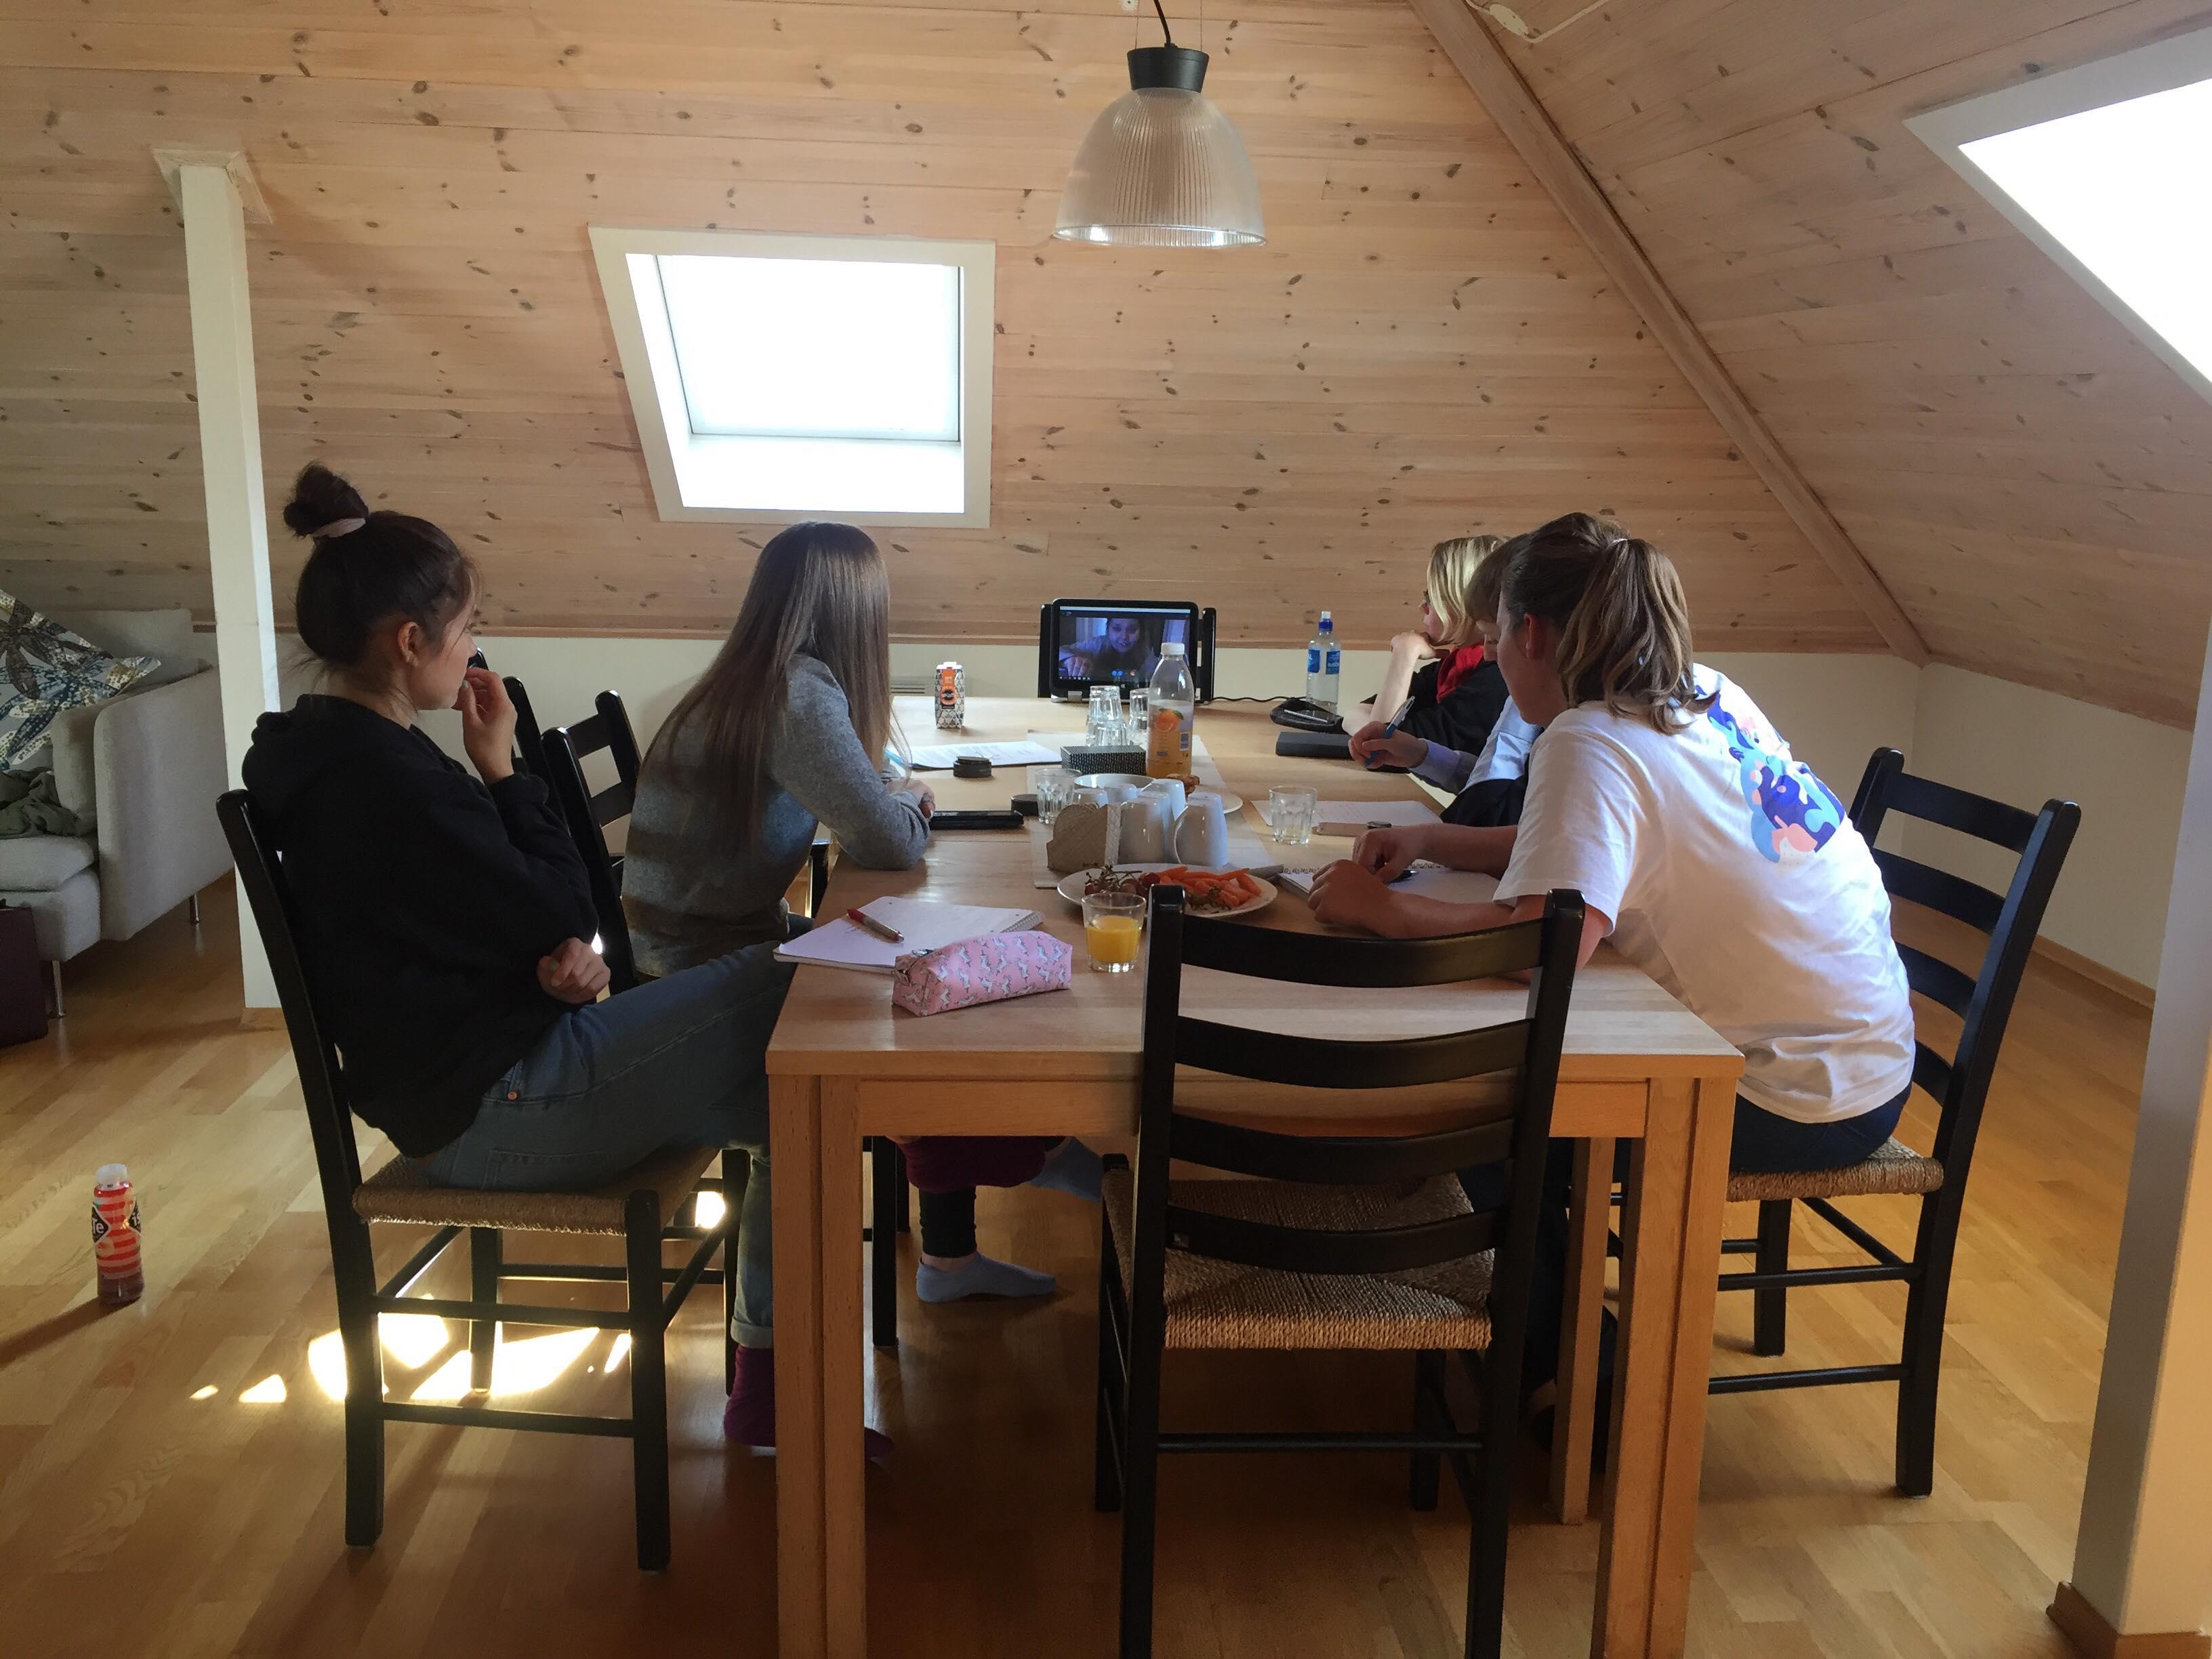 Ungdommer rundt bord. Bilde